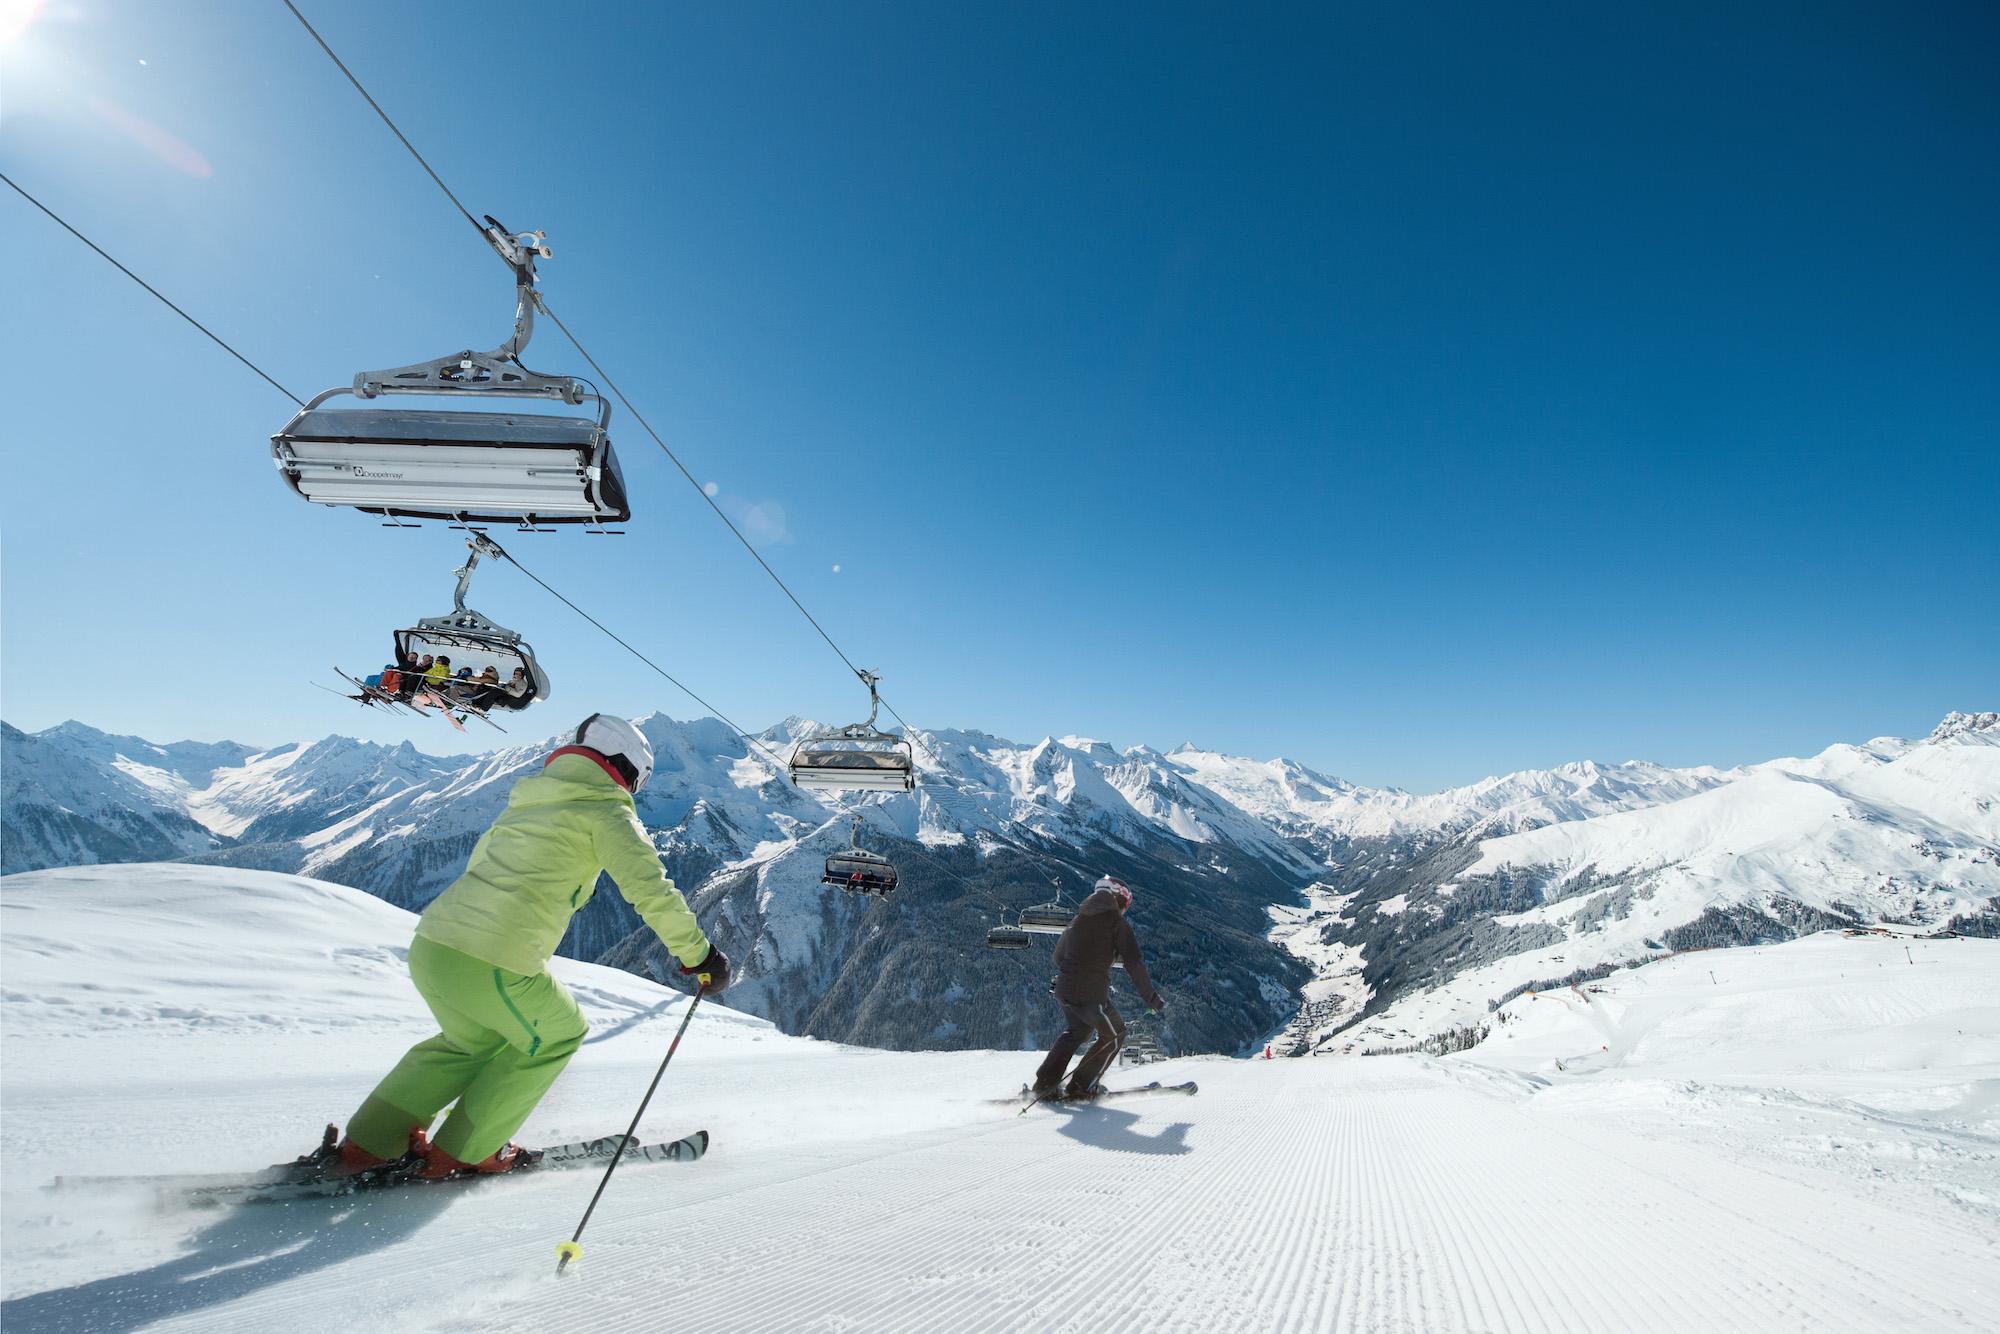 Zillertal Tourismus skiën in Oostenrijk